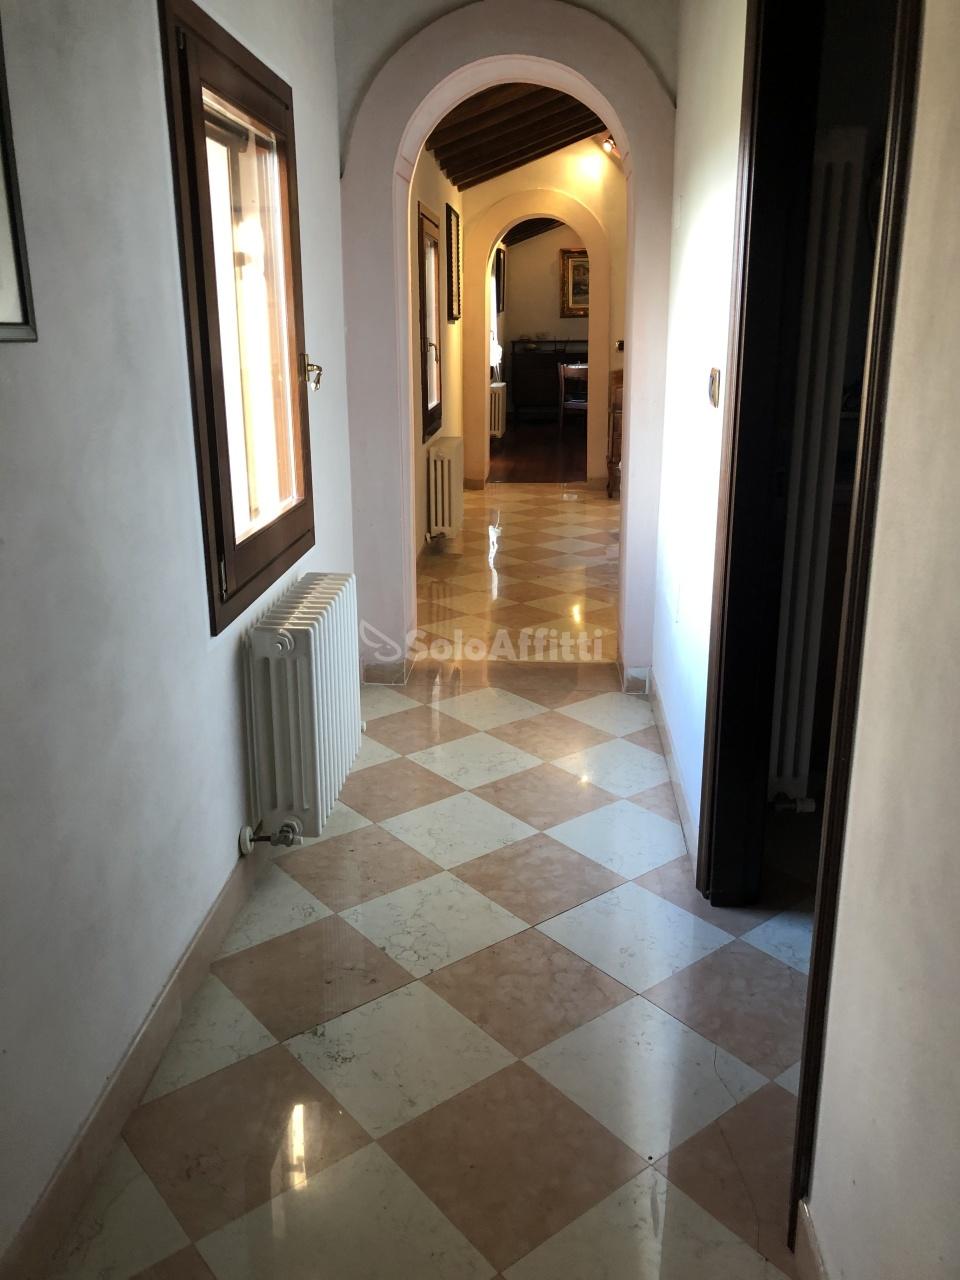 Baita / Chalet / Trullo in affitto Rif. 11959735